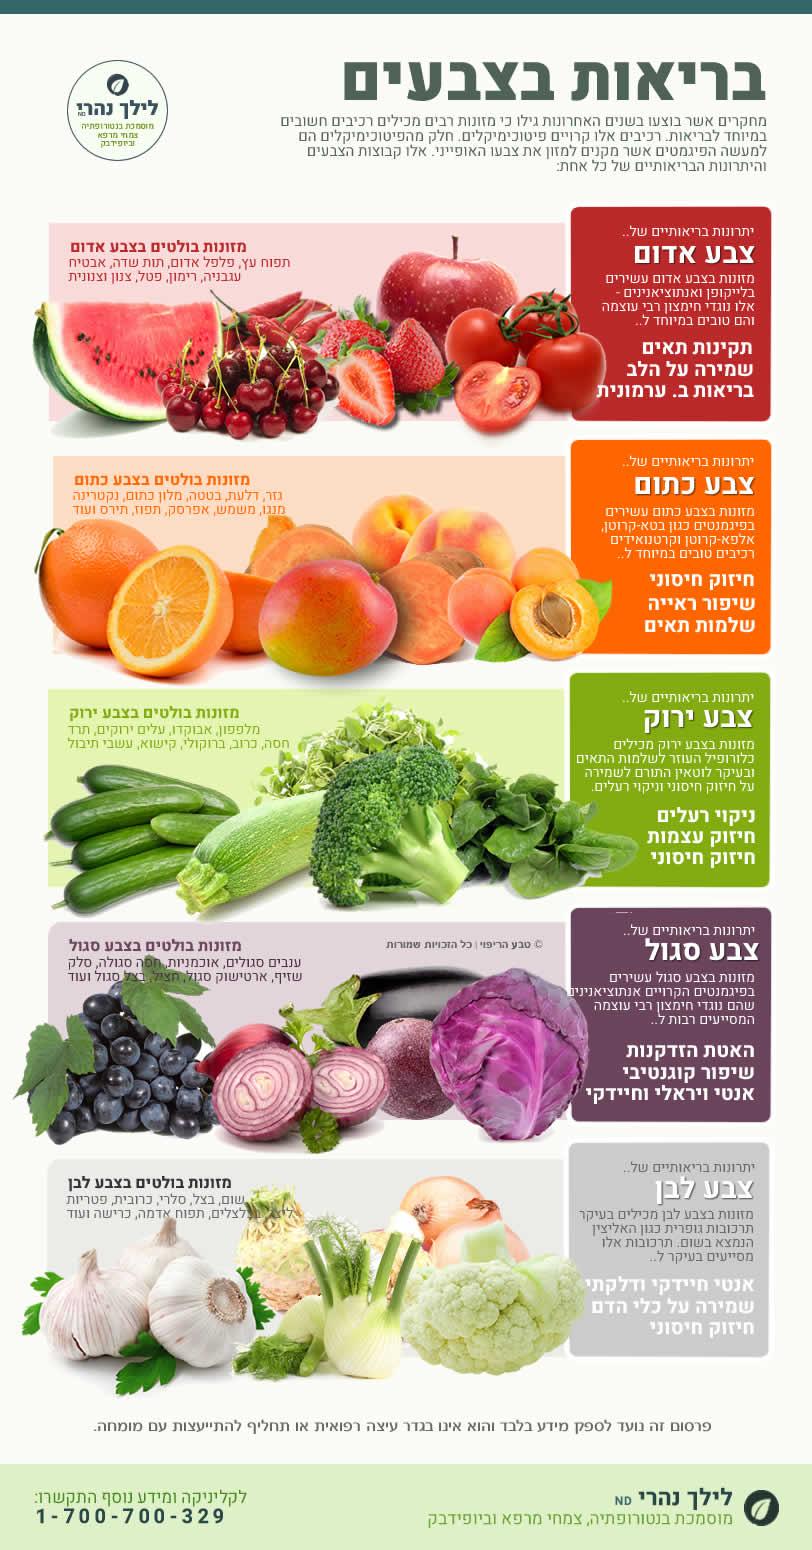 בריאות בצבעי המזון